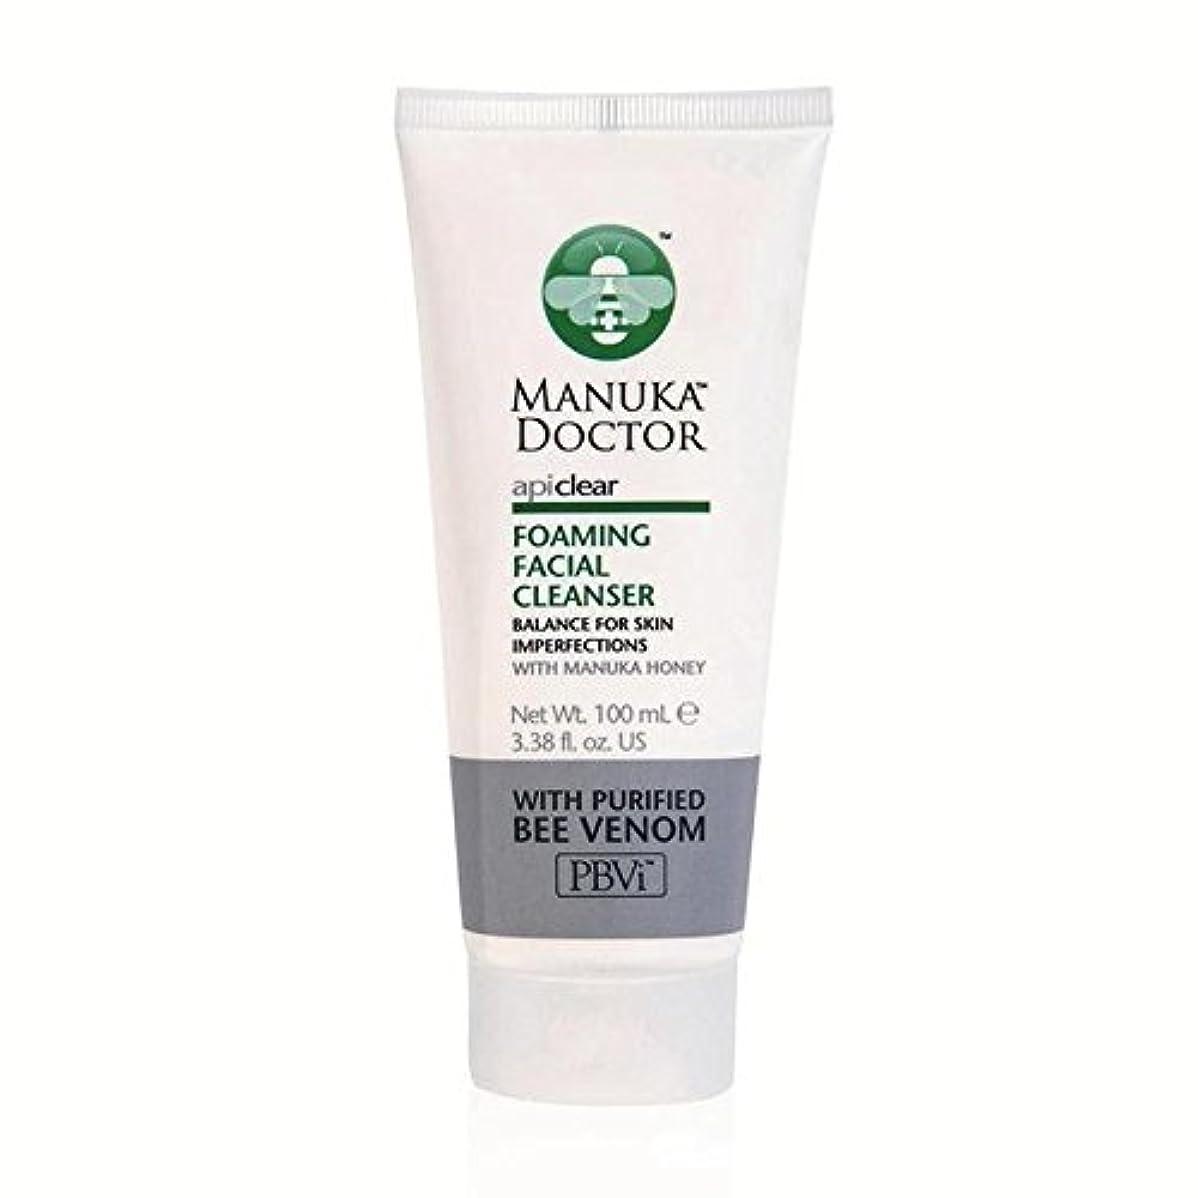 履歴書行方不明考案するマヌカドクター明確な泡立ち洗顔料の100ミリリットル x2 - Manuka Doctor Api Clear Foaming Facial Cleanser 100ml (Pack of 2) [並行輸入品]